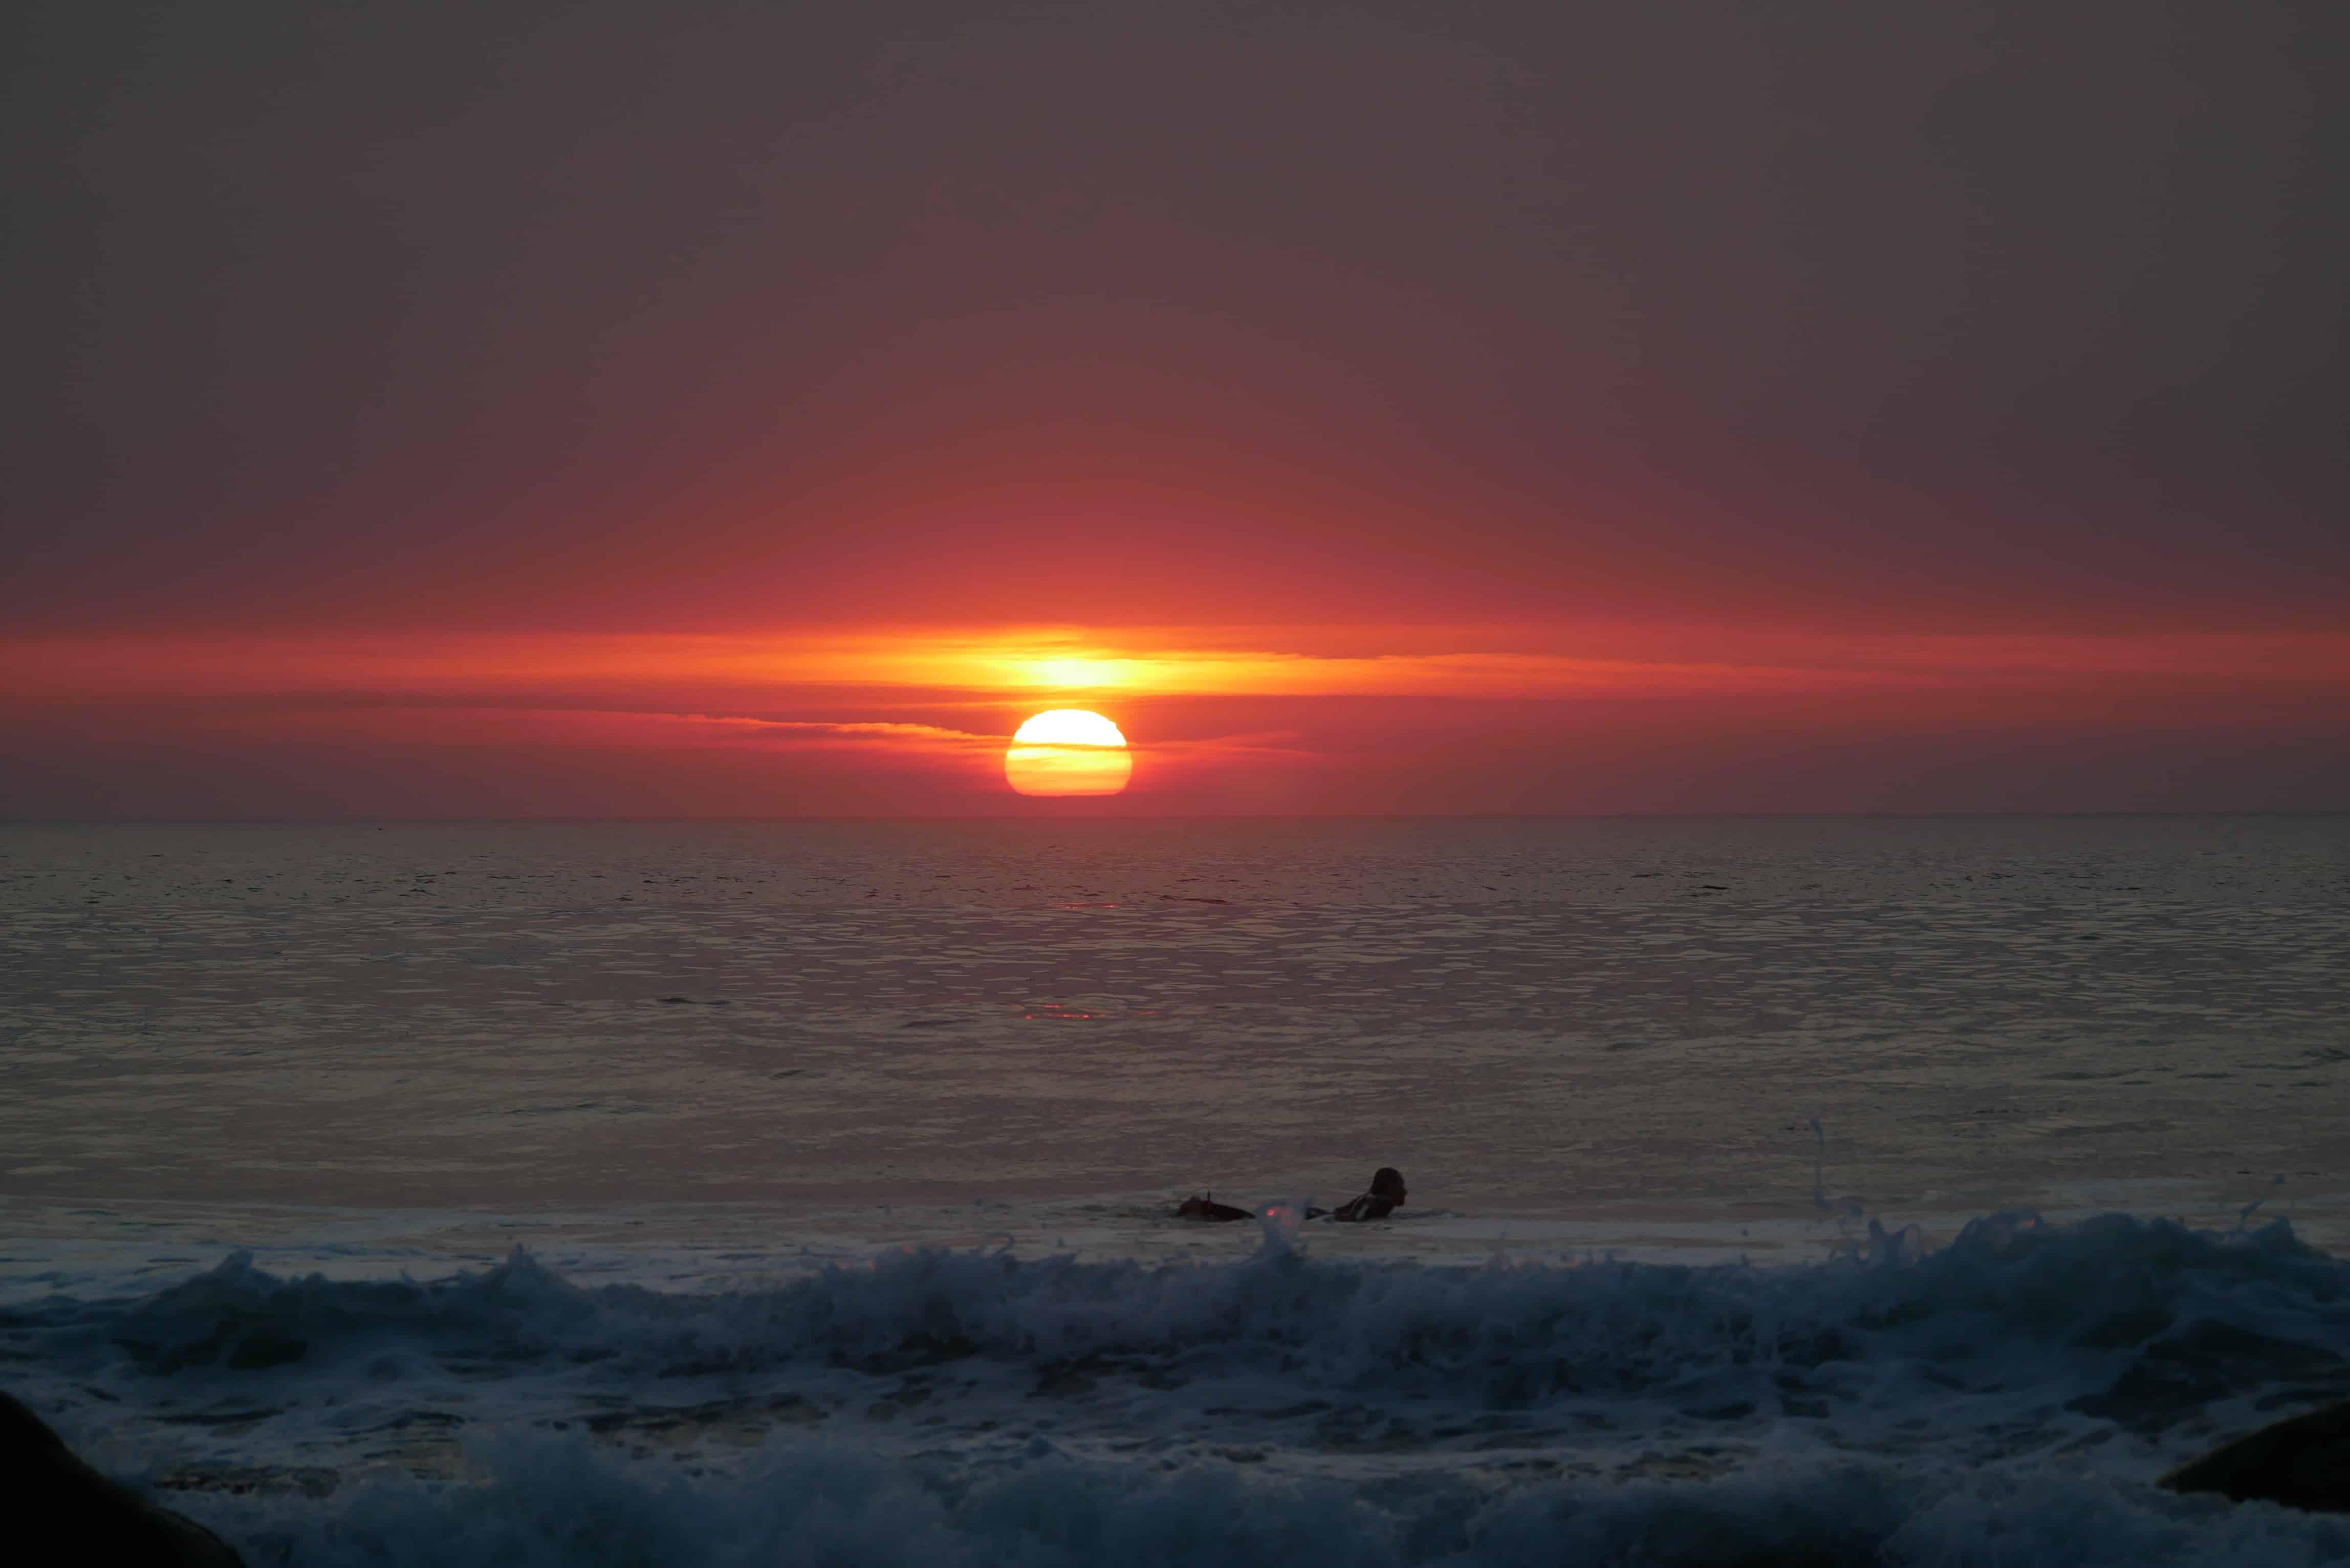 Lone wolf i solnedgang - Sigve Brochmann